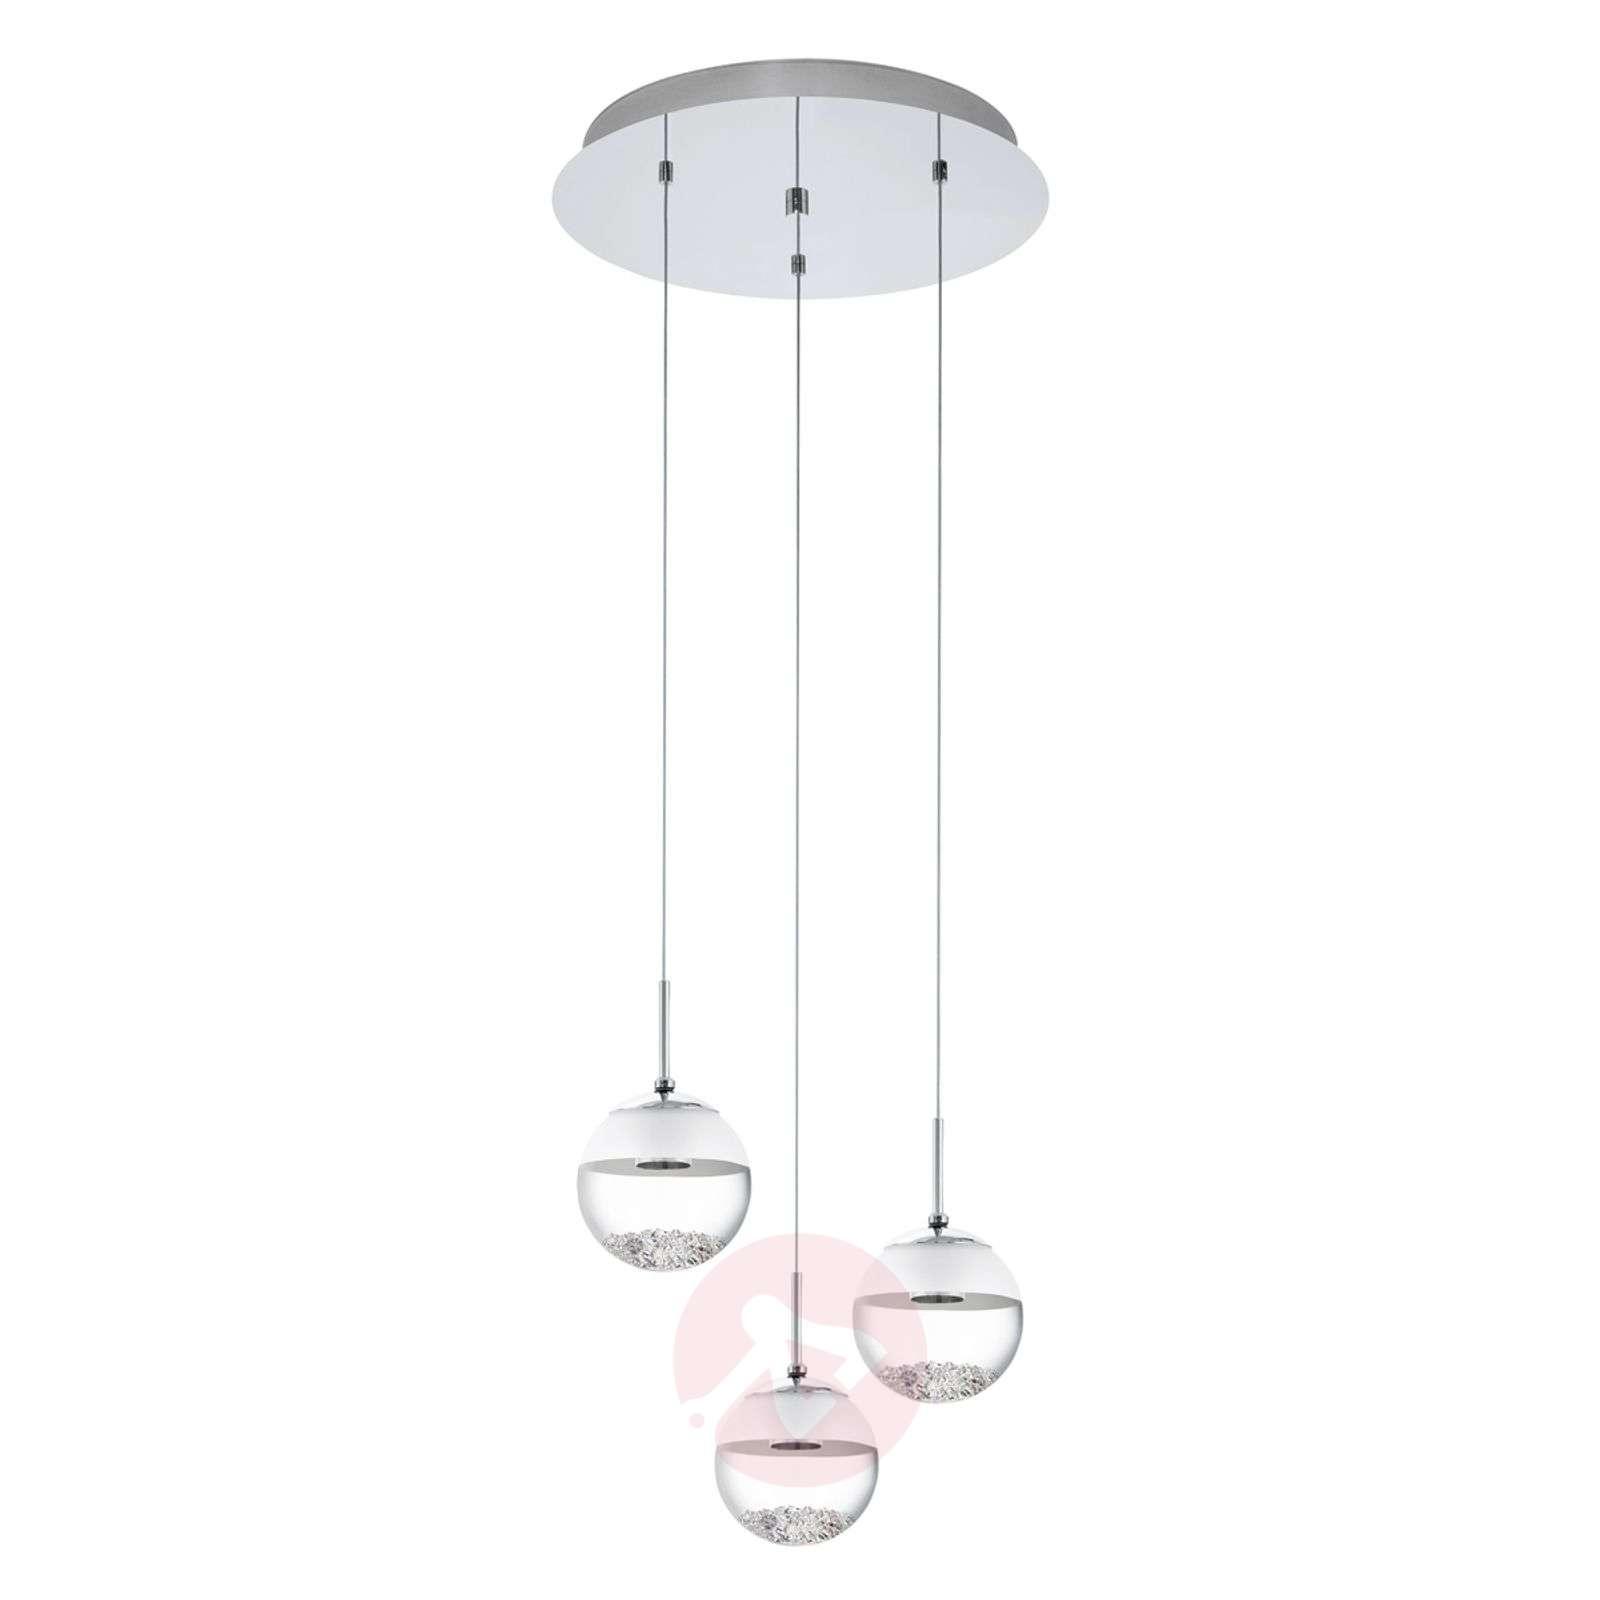 Pyöreä LED-riippuvalaisin Montefio, kristalli, 3-l